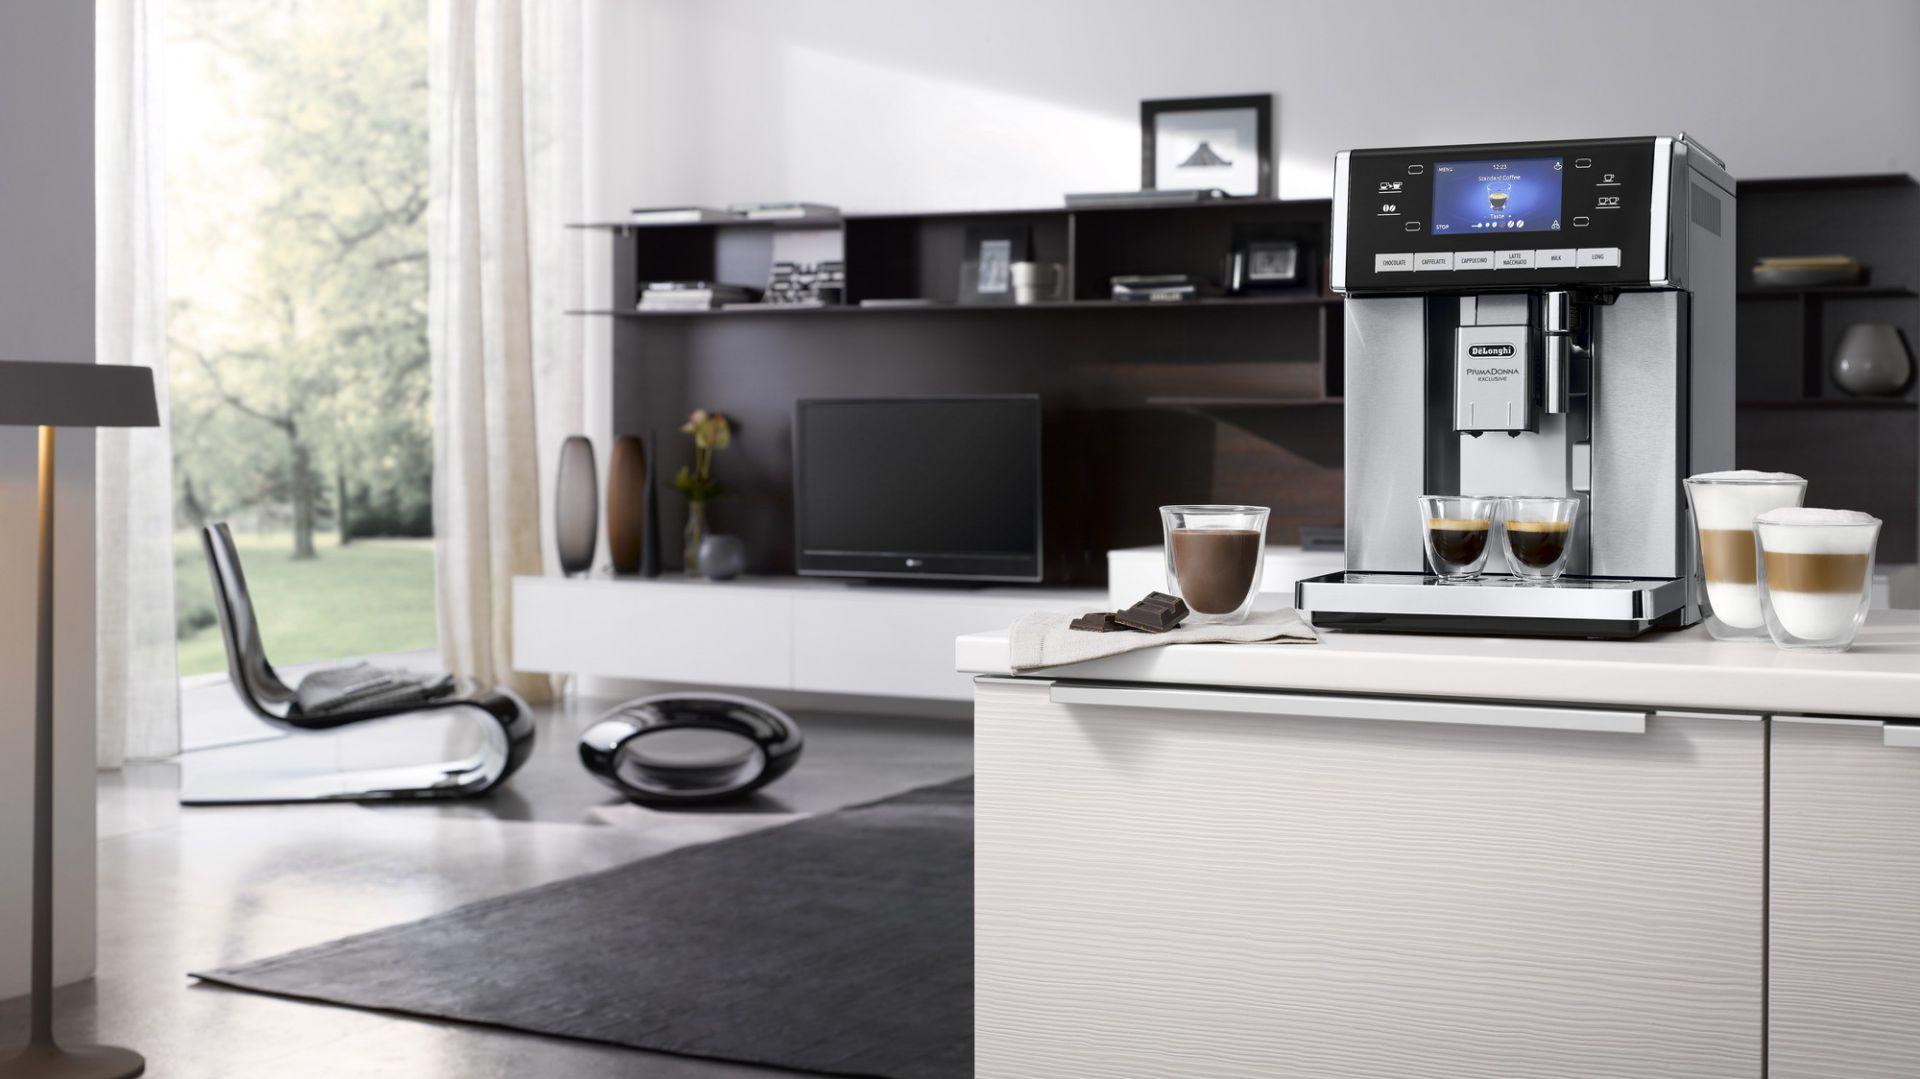 ekspres do kawy esam 6900 ekspres do kawy nowoczesny inteligentny stylowy strona 4. Black Bedroom Furniture Sets. Home Design Ideas